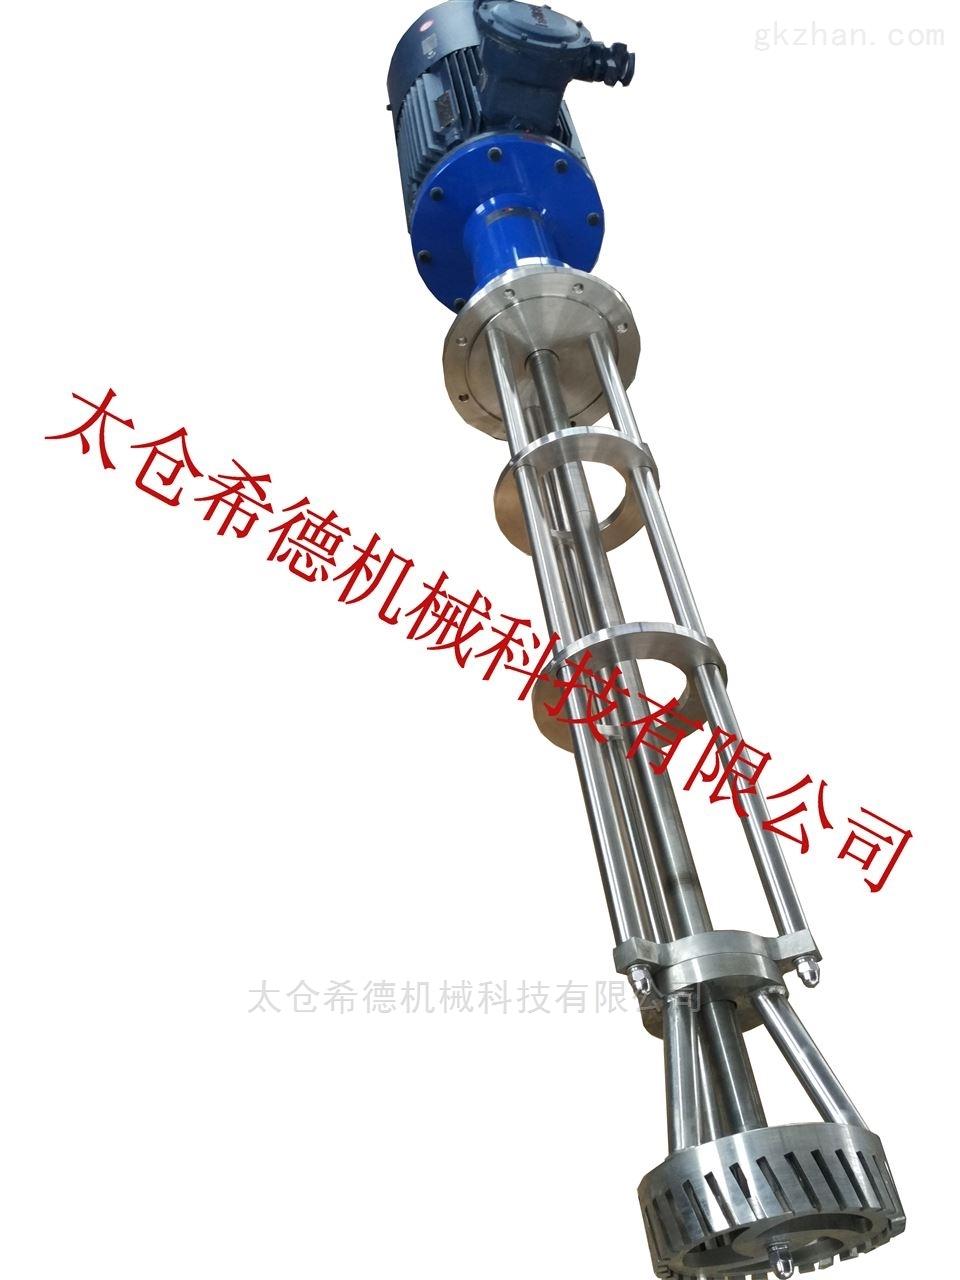 乳胶漆高速高剪切乳化分散机